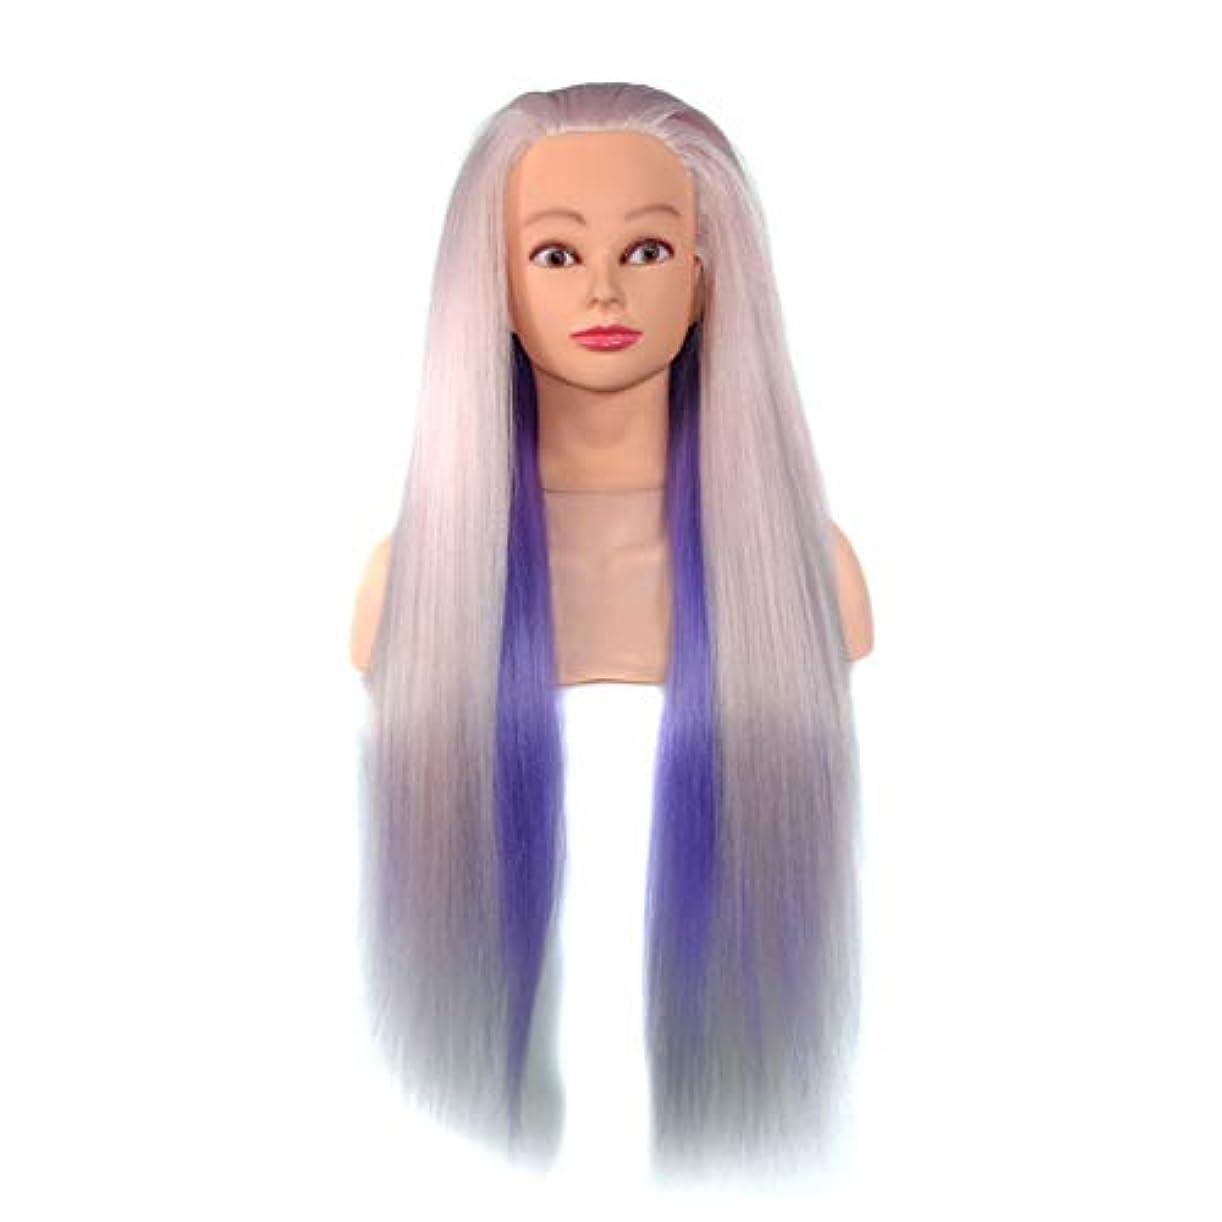 グラディス略すボイド高温シルク花嫁編組エクササイズヘッドサロン教育グラデーショントレーニングヘッド理髪学習ヘッドモデル